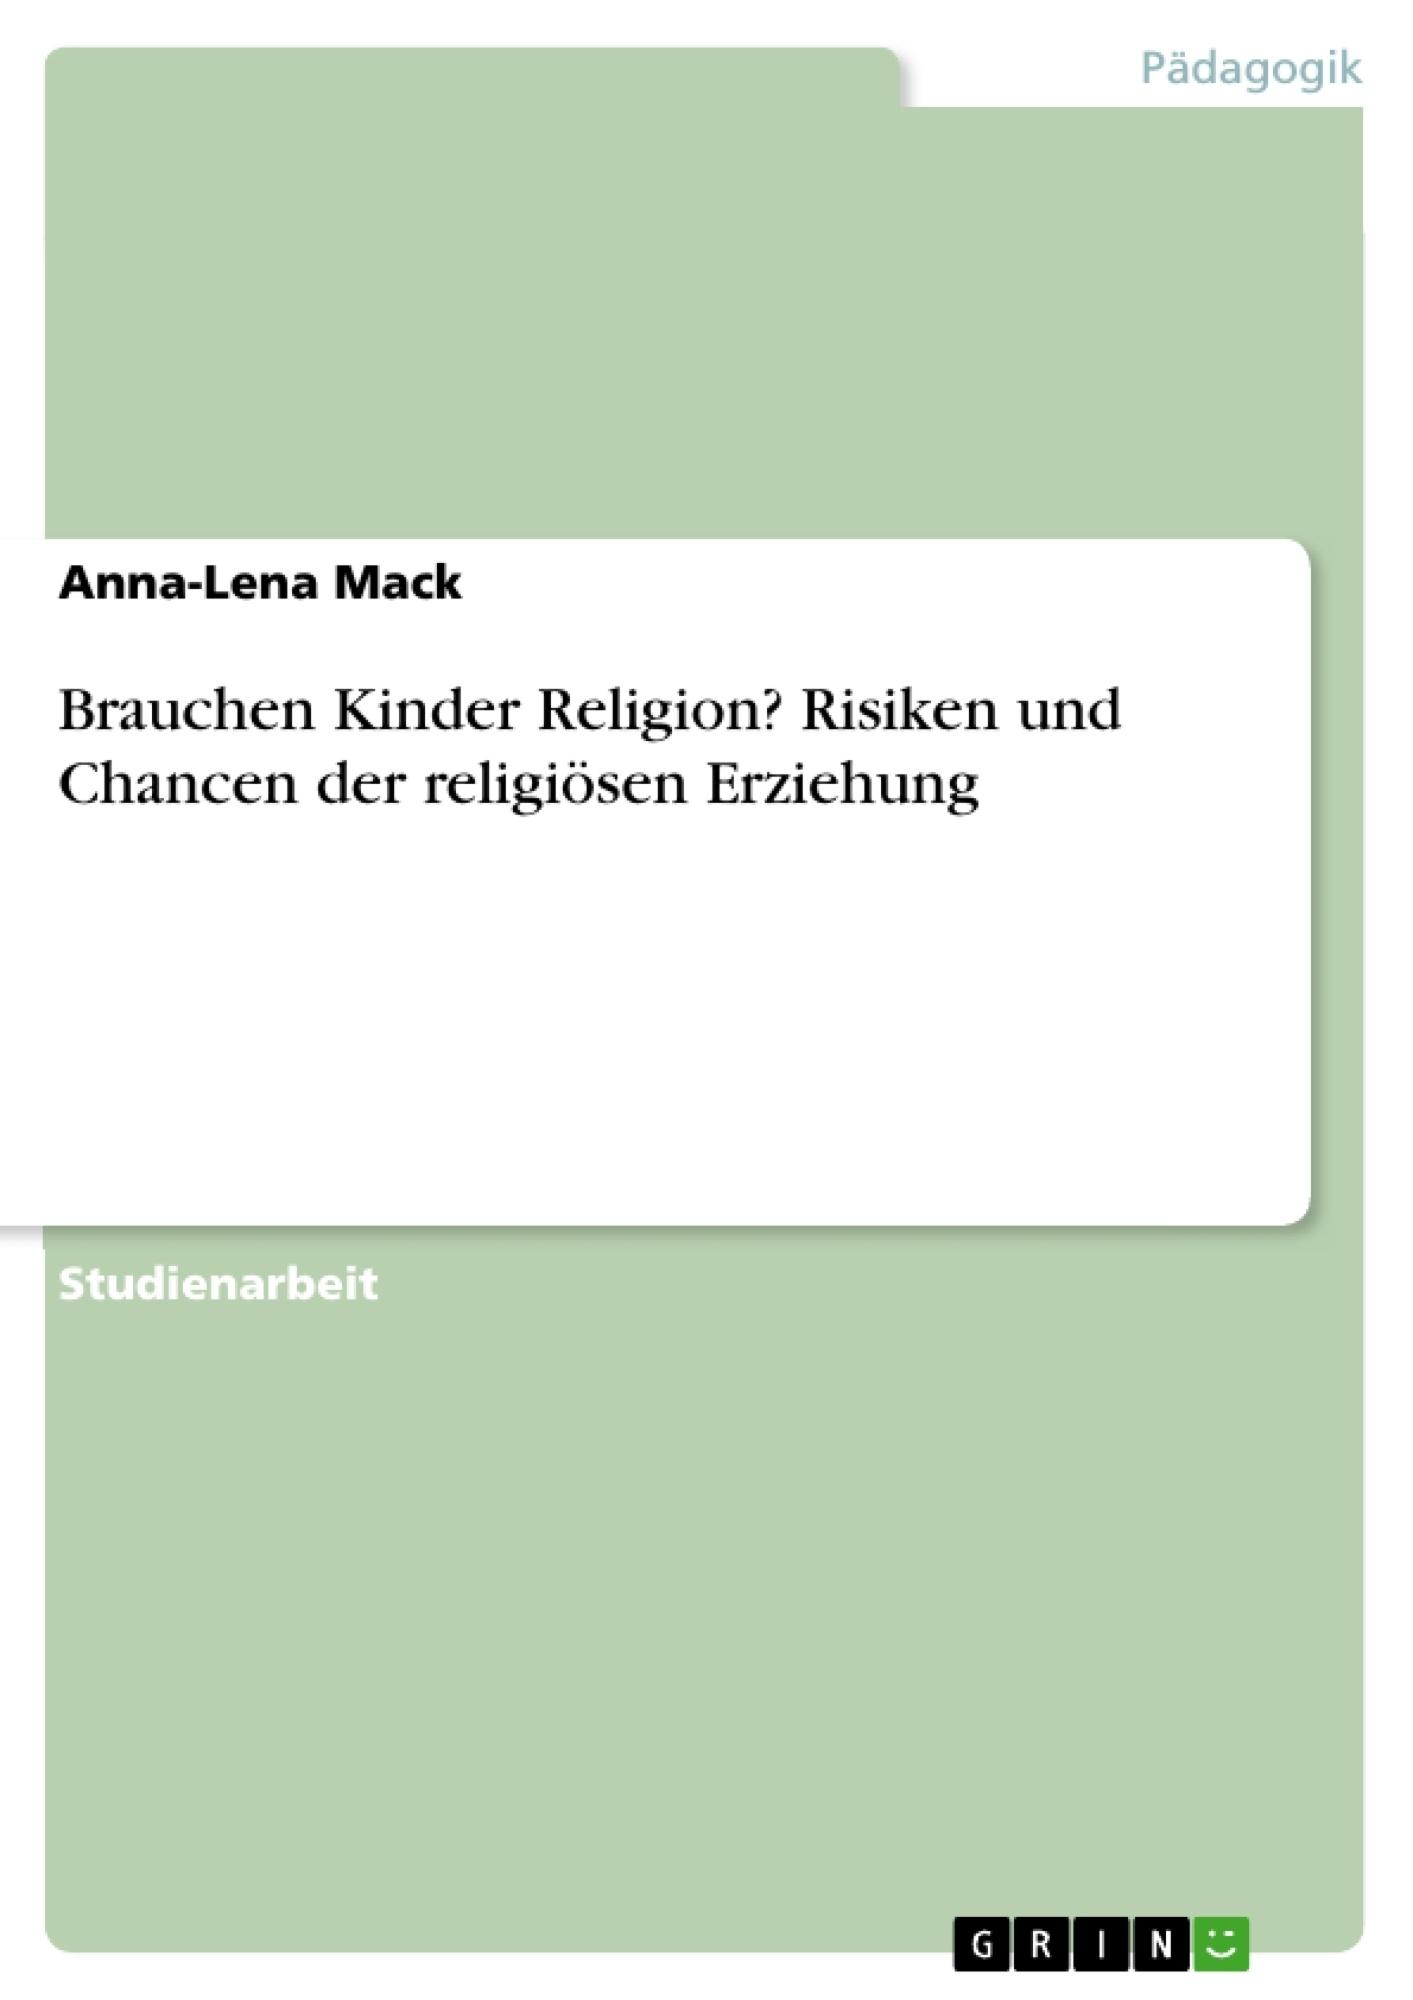 Titel: Brauchen Kinder Religion? Risiken und Chancen der religiösen Erziehung